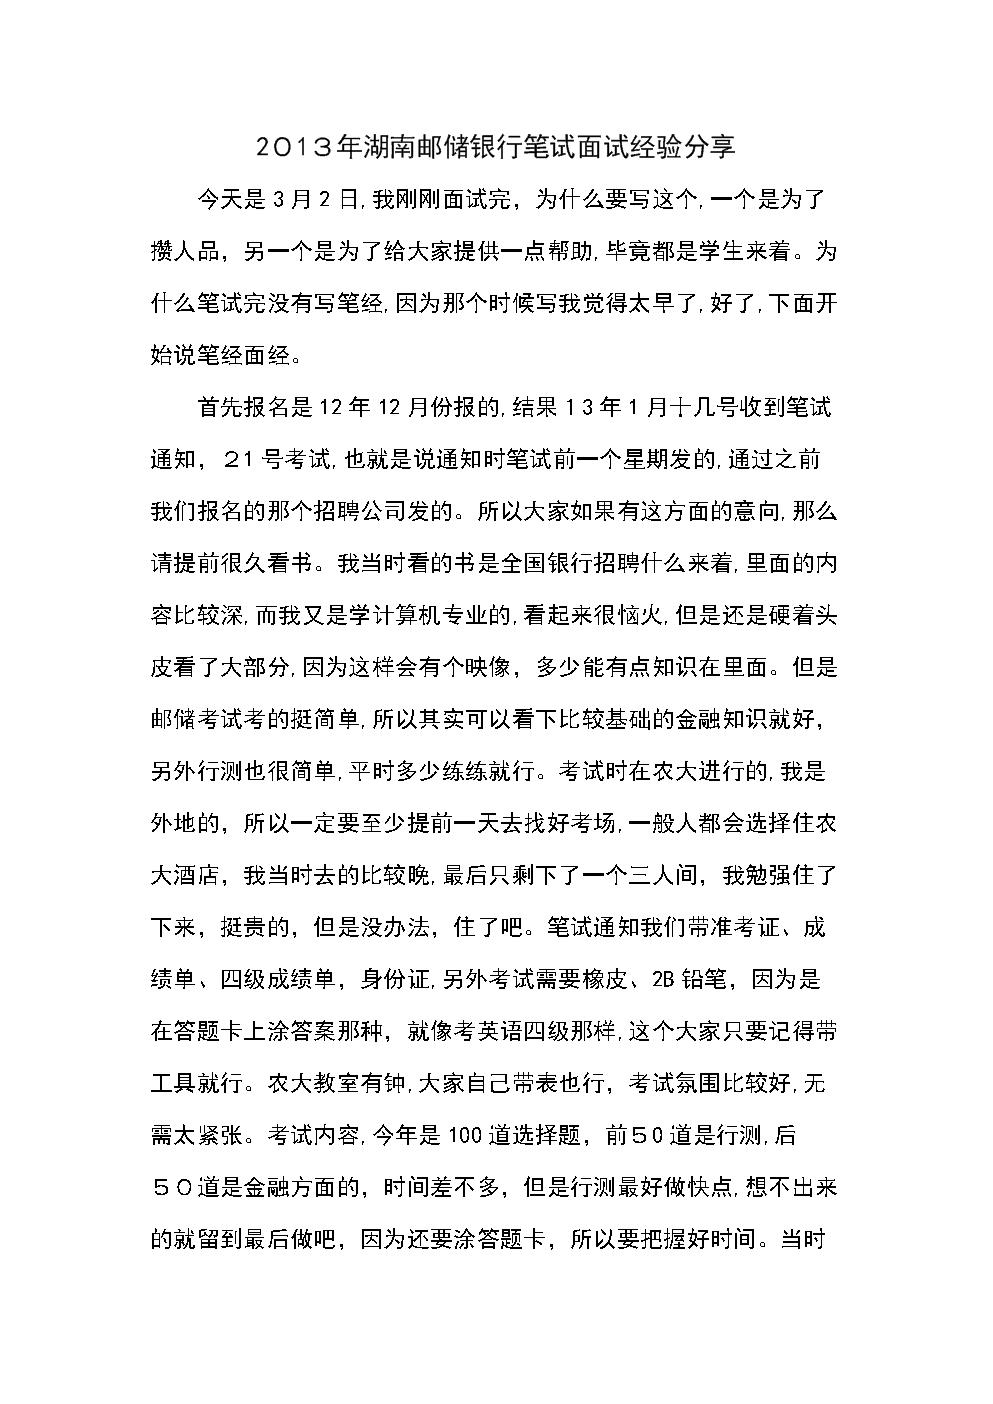 2013年湖南邮储银行笔试面试经验分享.doc